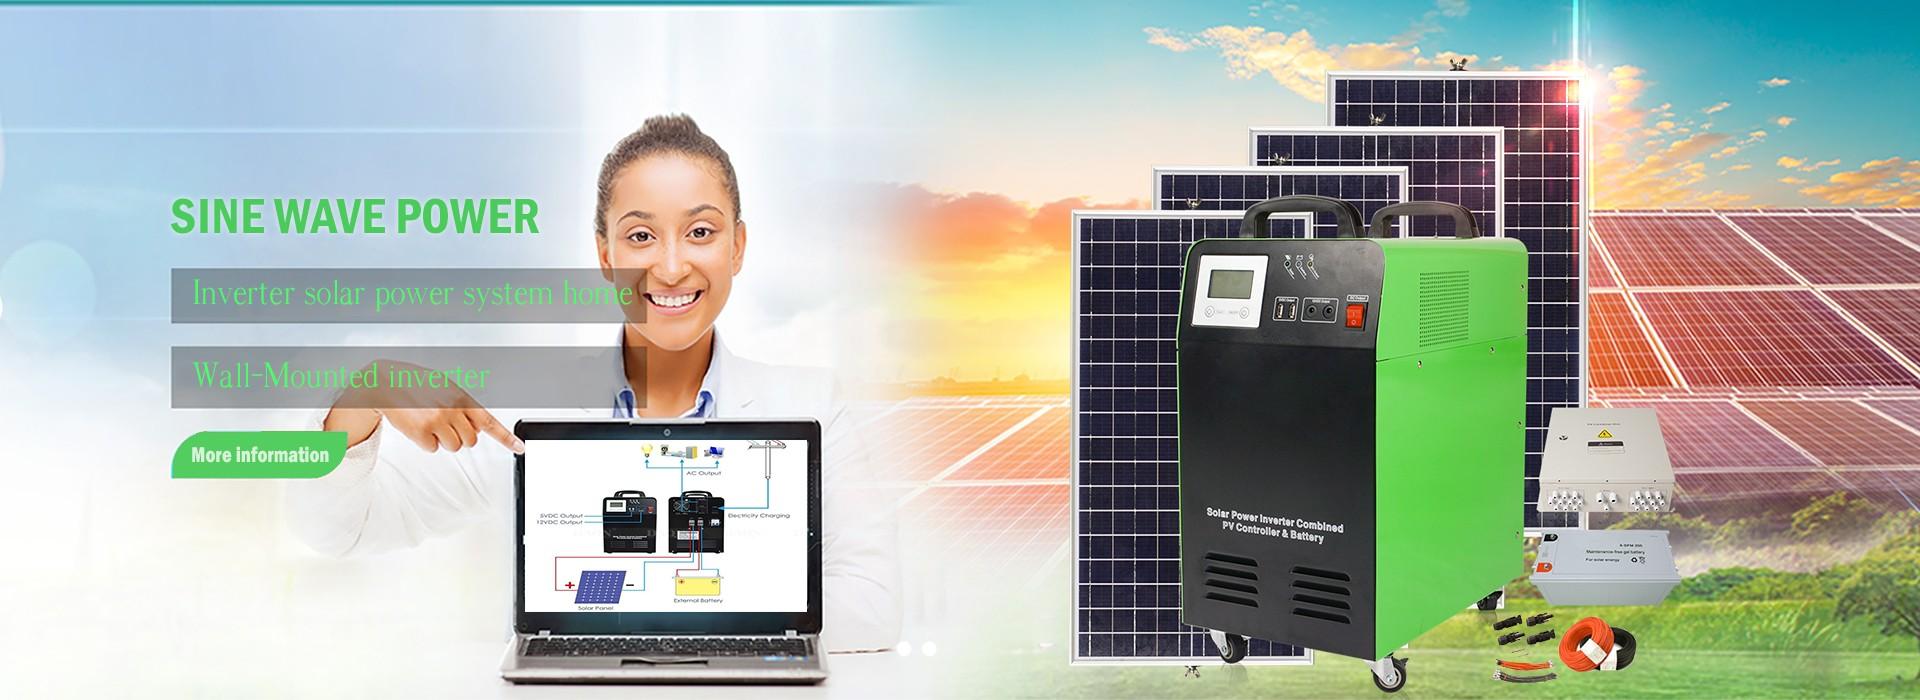 نظام الطاقة الشمسية المتكاملة